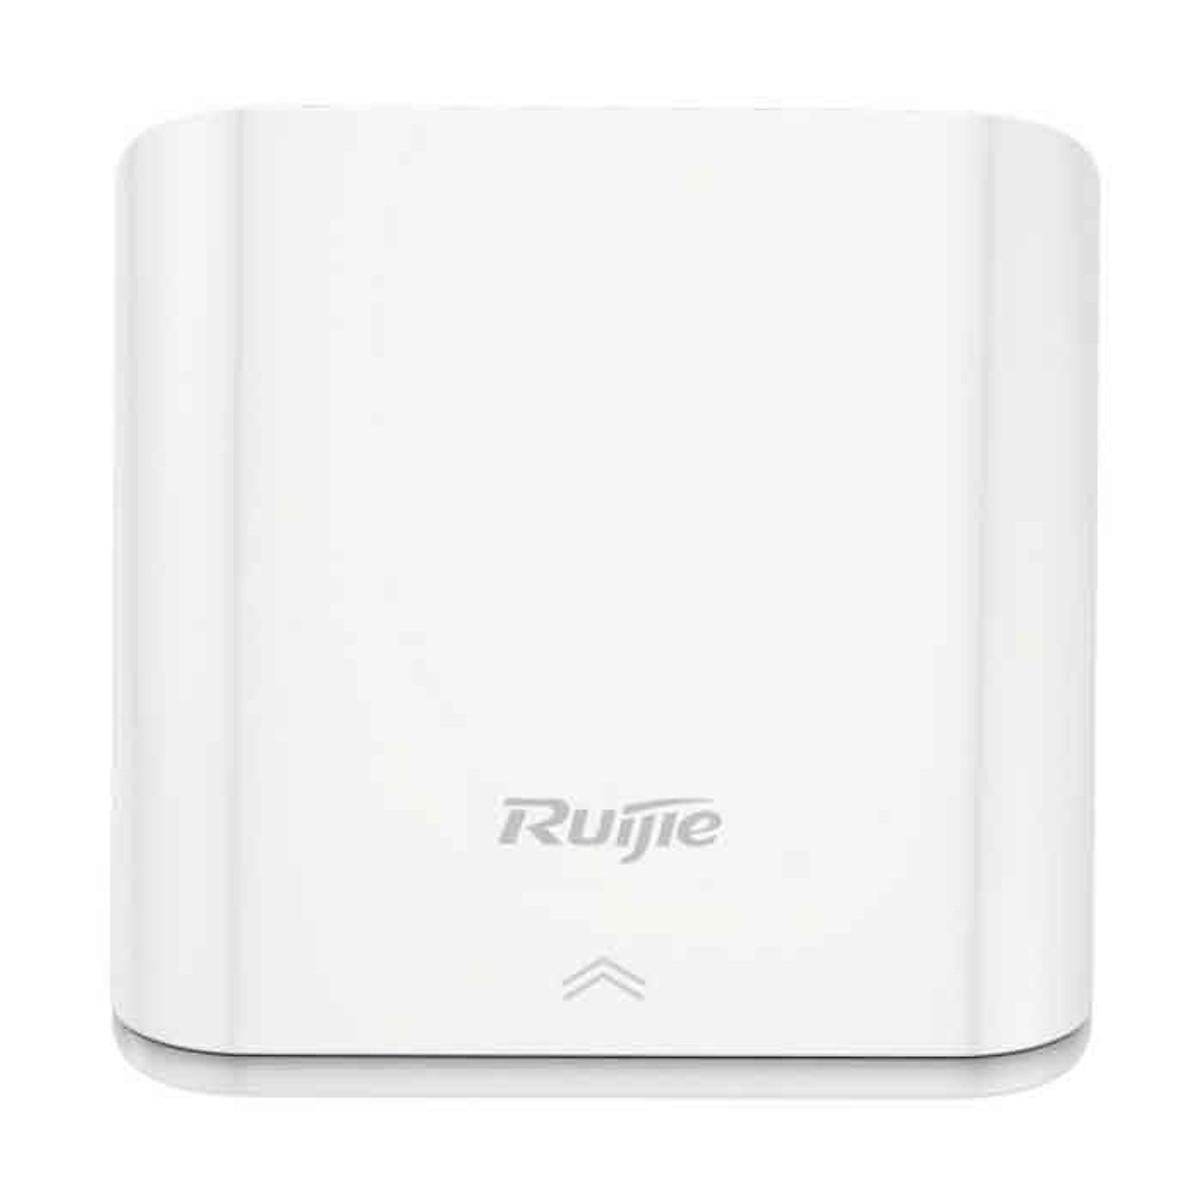 Thiết bị phát sóng wifi gắn tường RUIJIE RG-AP110-L Hàng chính hãng